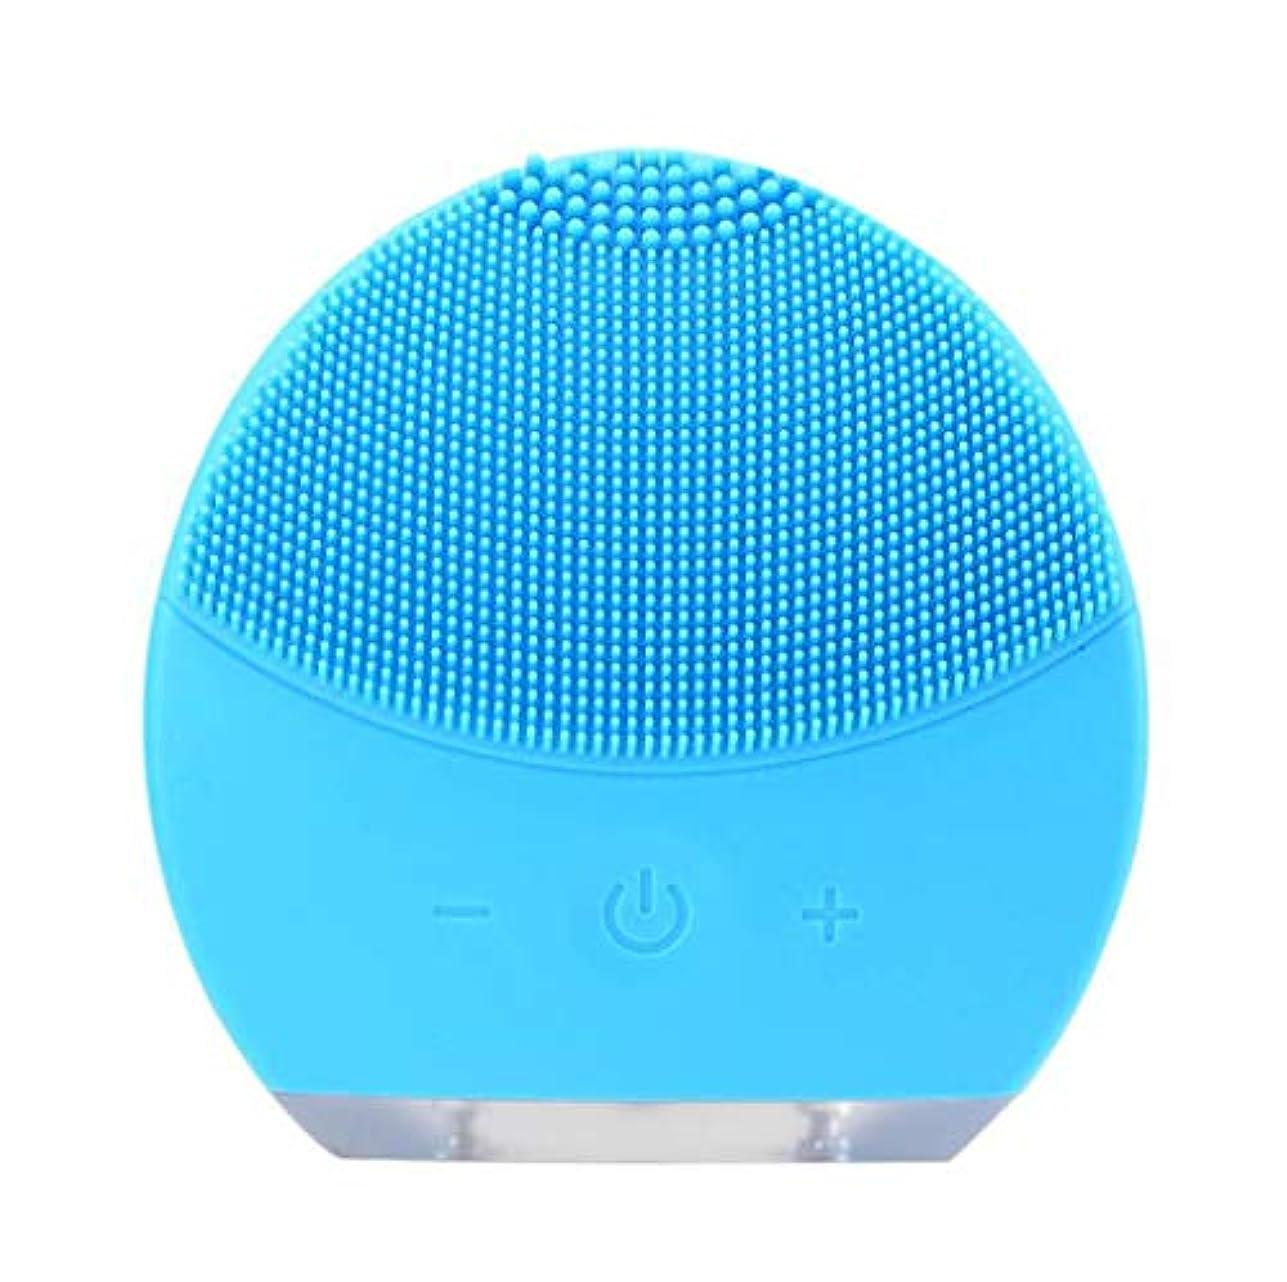 一次光リラックス超音波振動美容機器洗浄器、皮膚の毛穴を最小限に抑えるマイクロダーマブレーション毛穴、USB 充電と防水,Blue